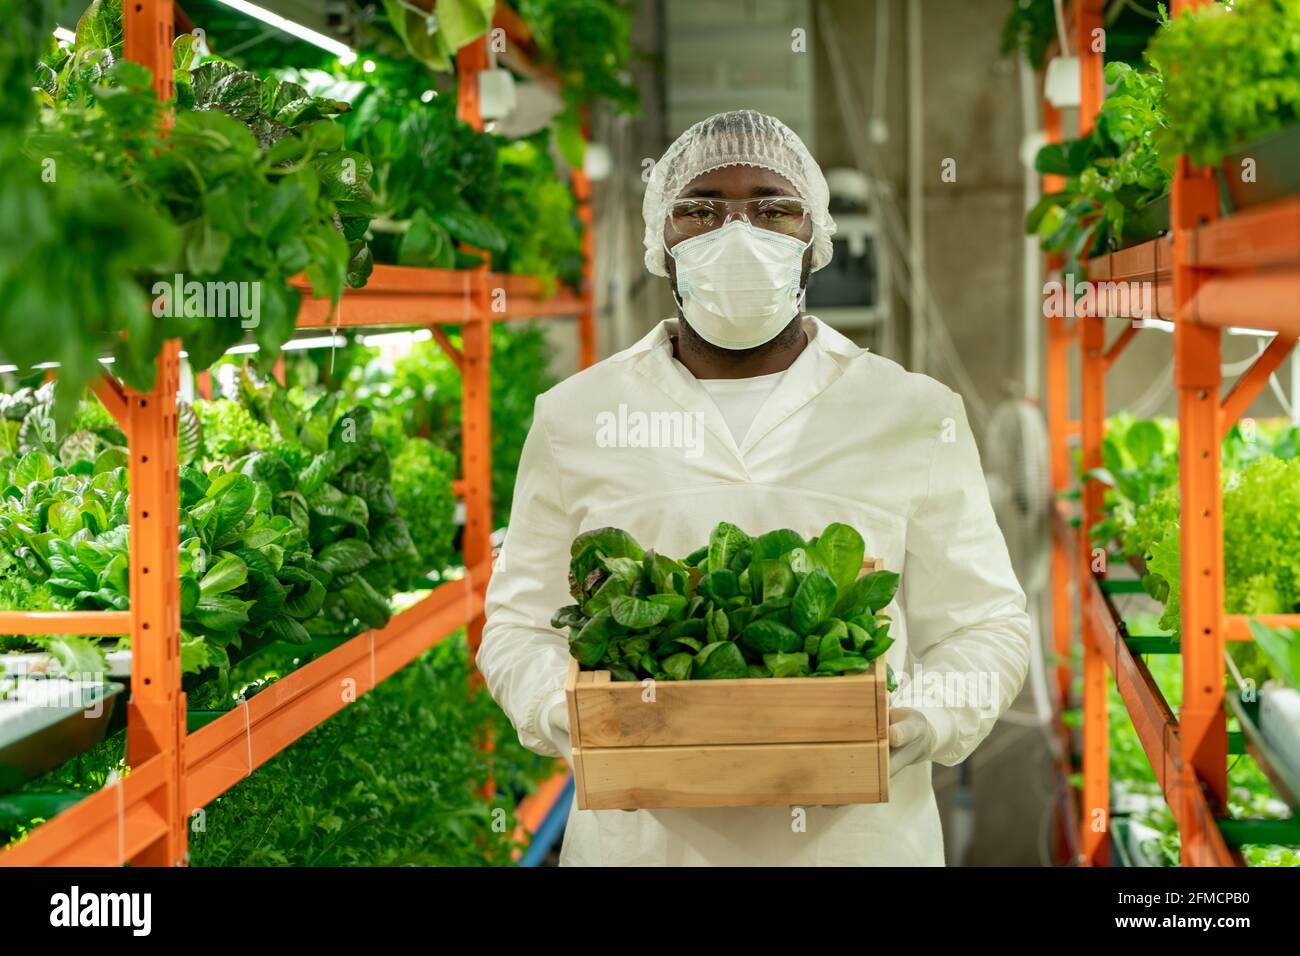 Portrait d'un jeune producteur noir sérieux dans un masque, un chapeau et des lunettes tenant une boîte de feuilles d'épinards, il travaille avec des semis à la ferme verticale Banque D'Images